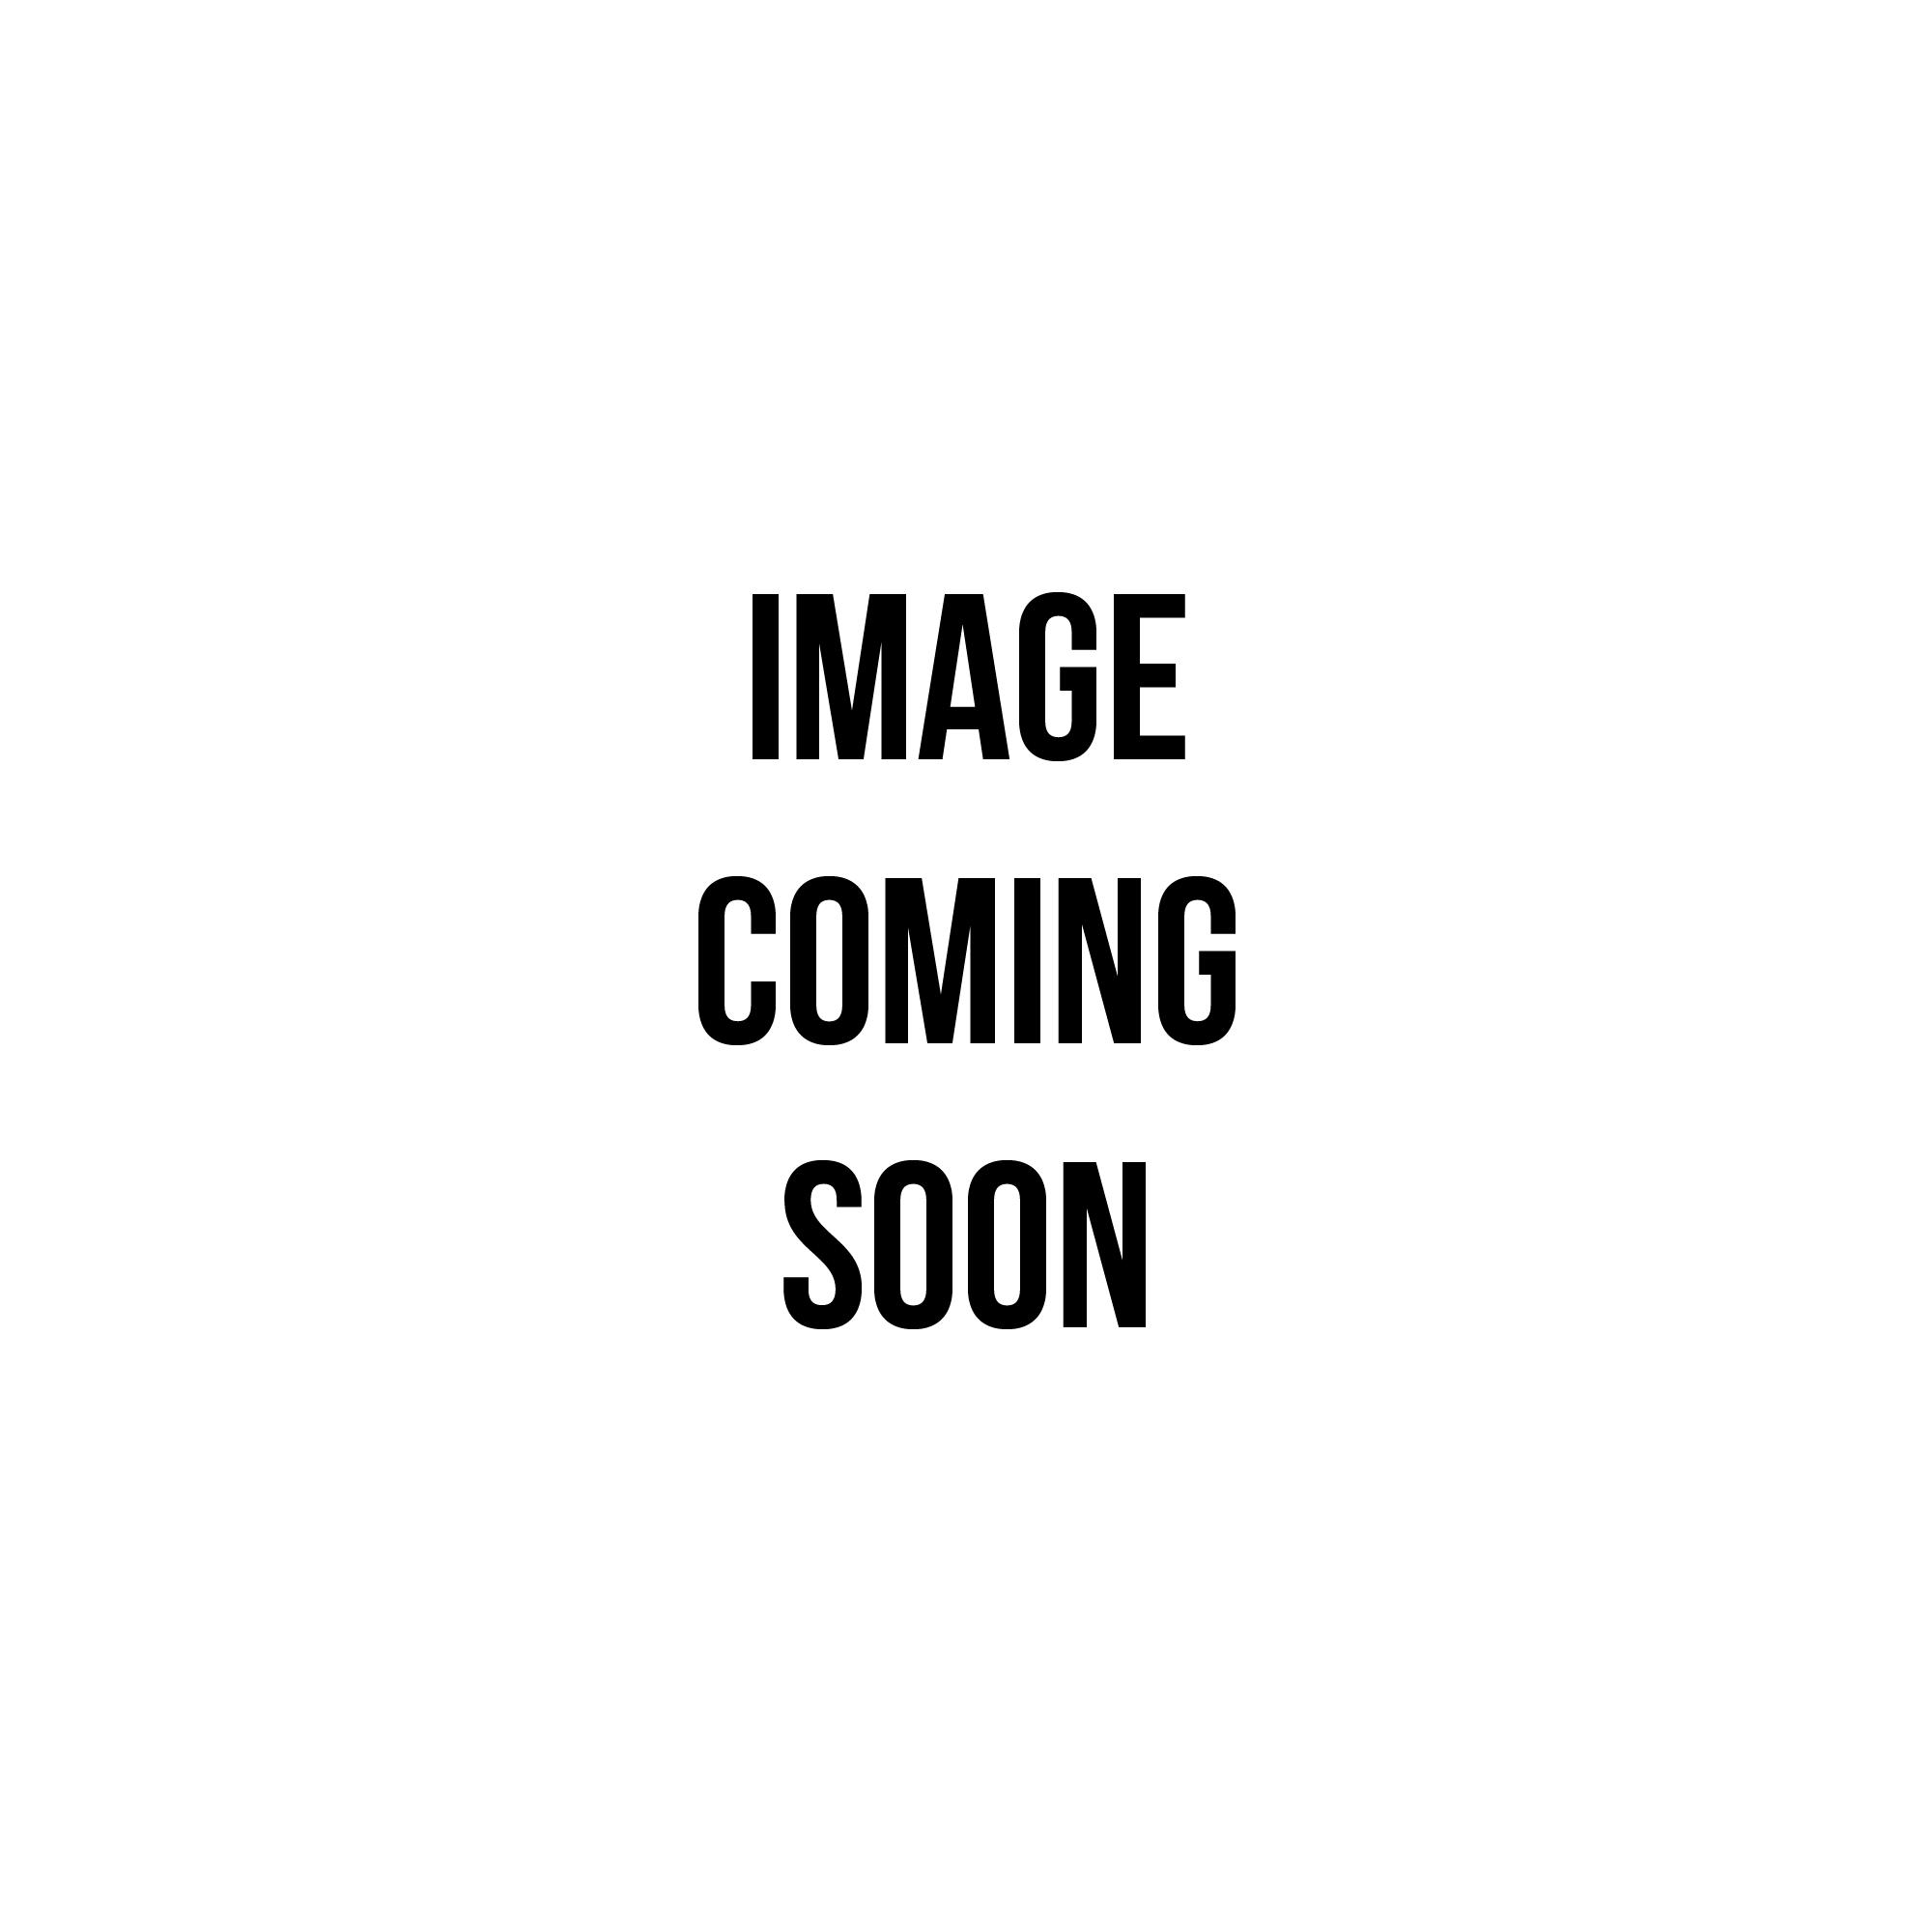 Nike Hombres De Los Cortocircuitos 2015 venta online eBay ebay en línea venta barata explorar venta bajo precio xlvRLJ